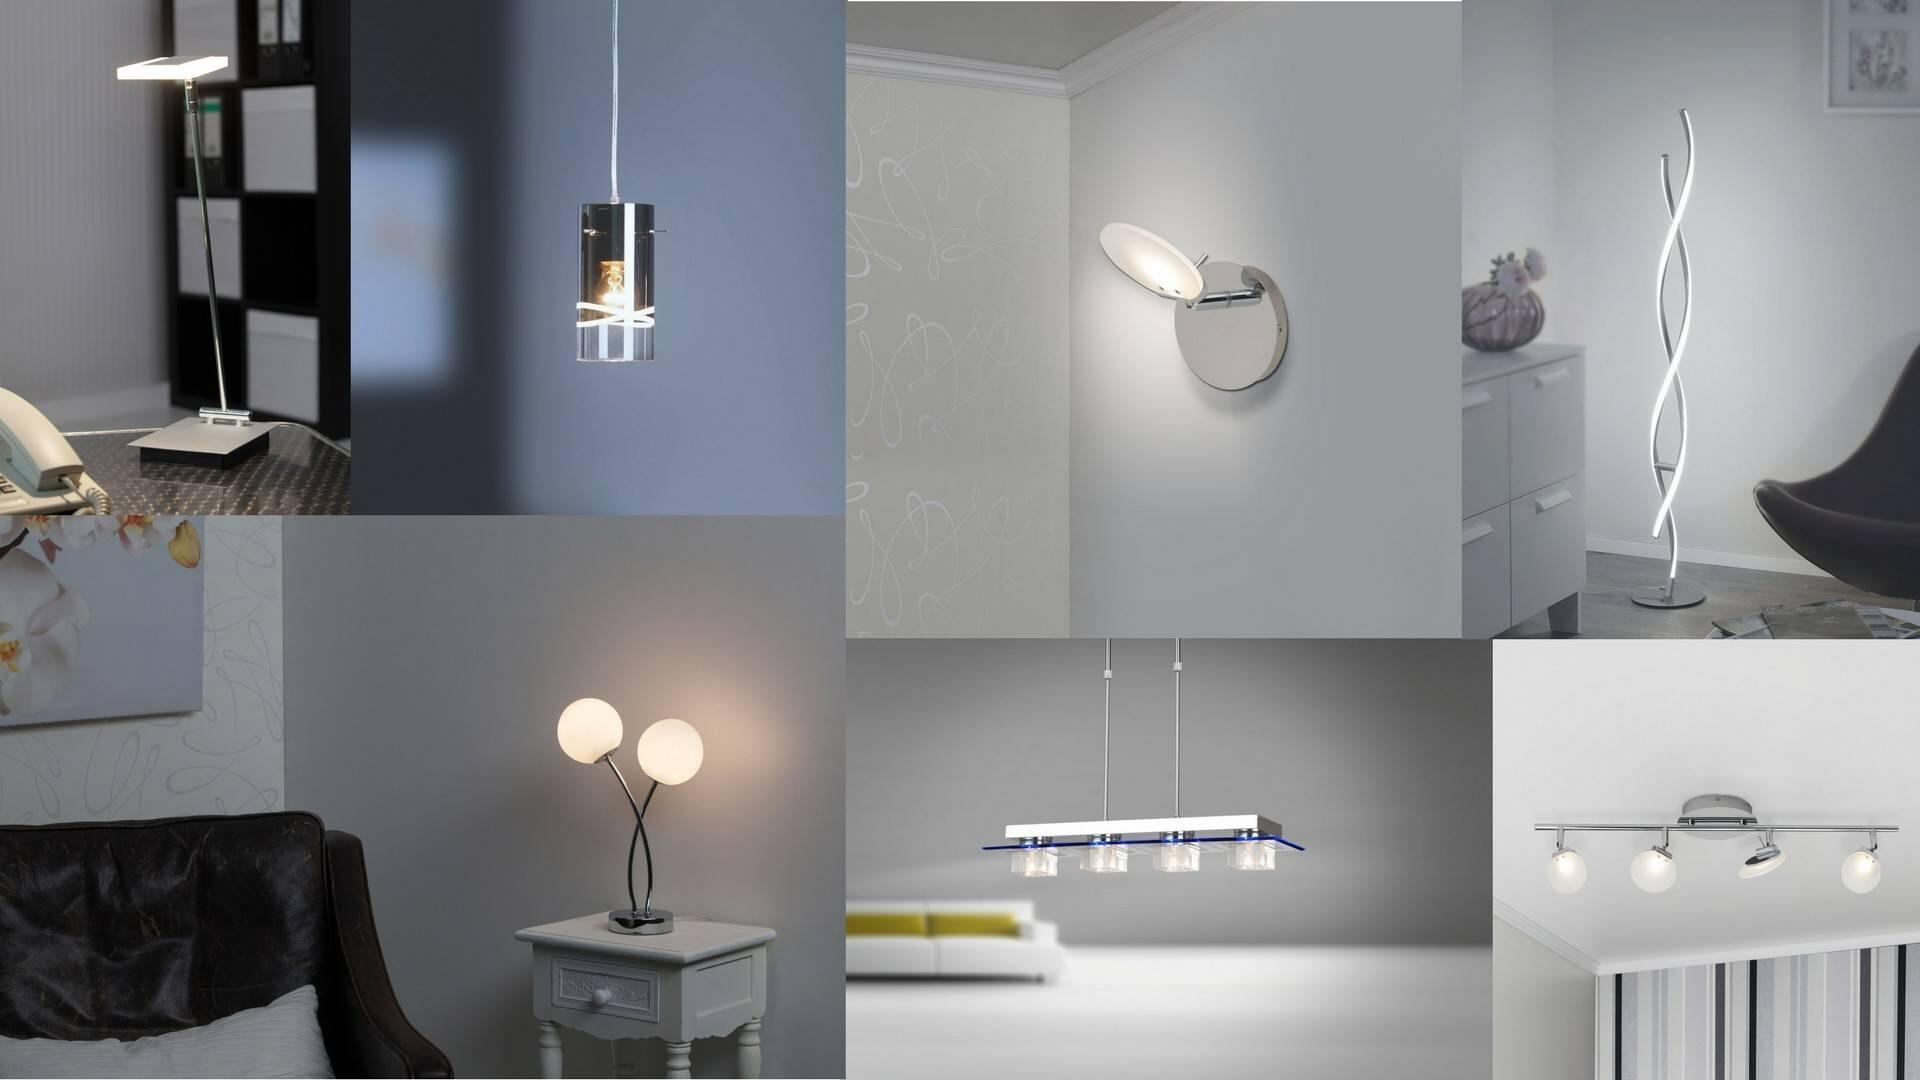 Comment calculer la puissance d'une lampe LED ?